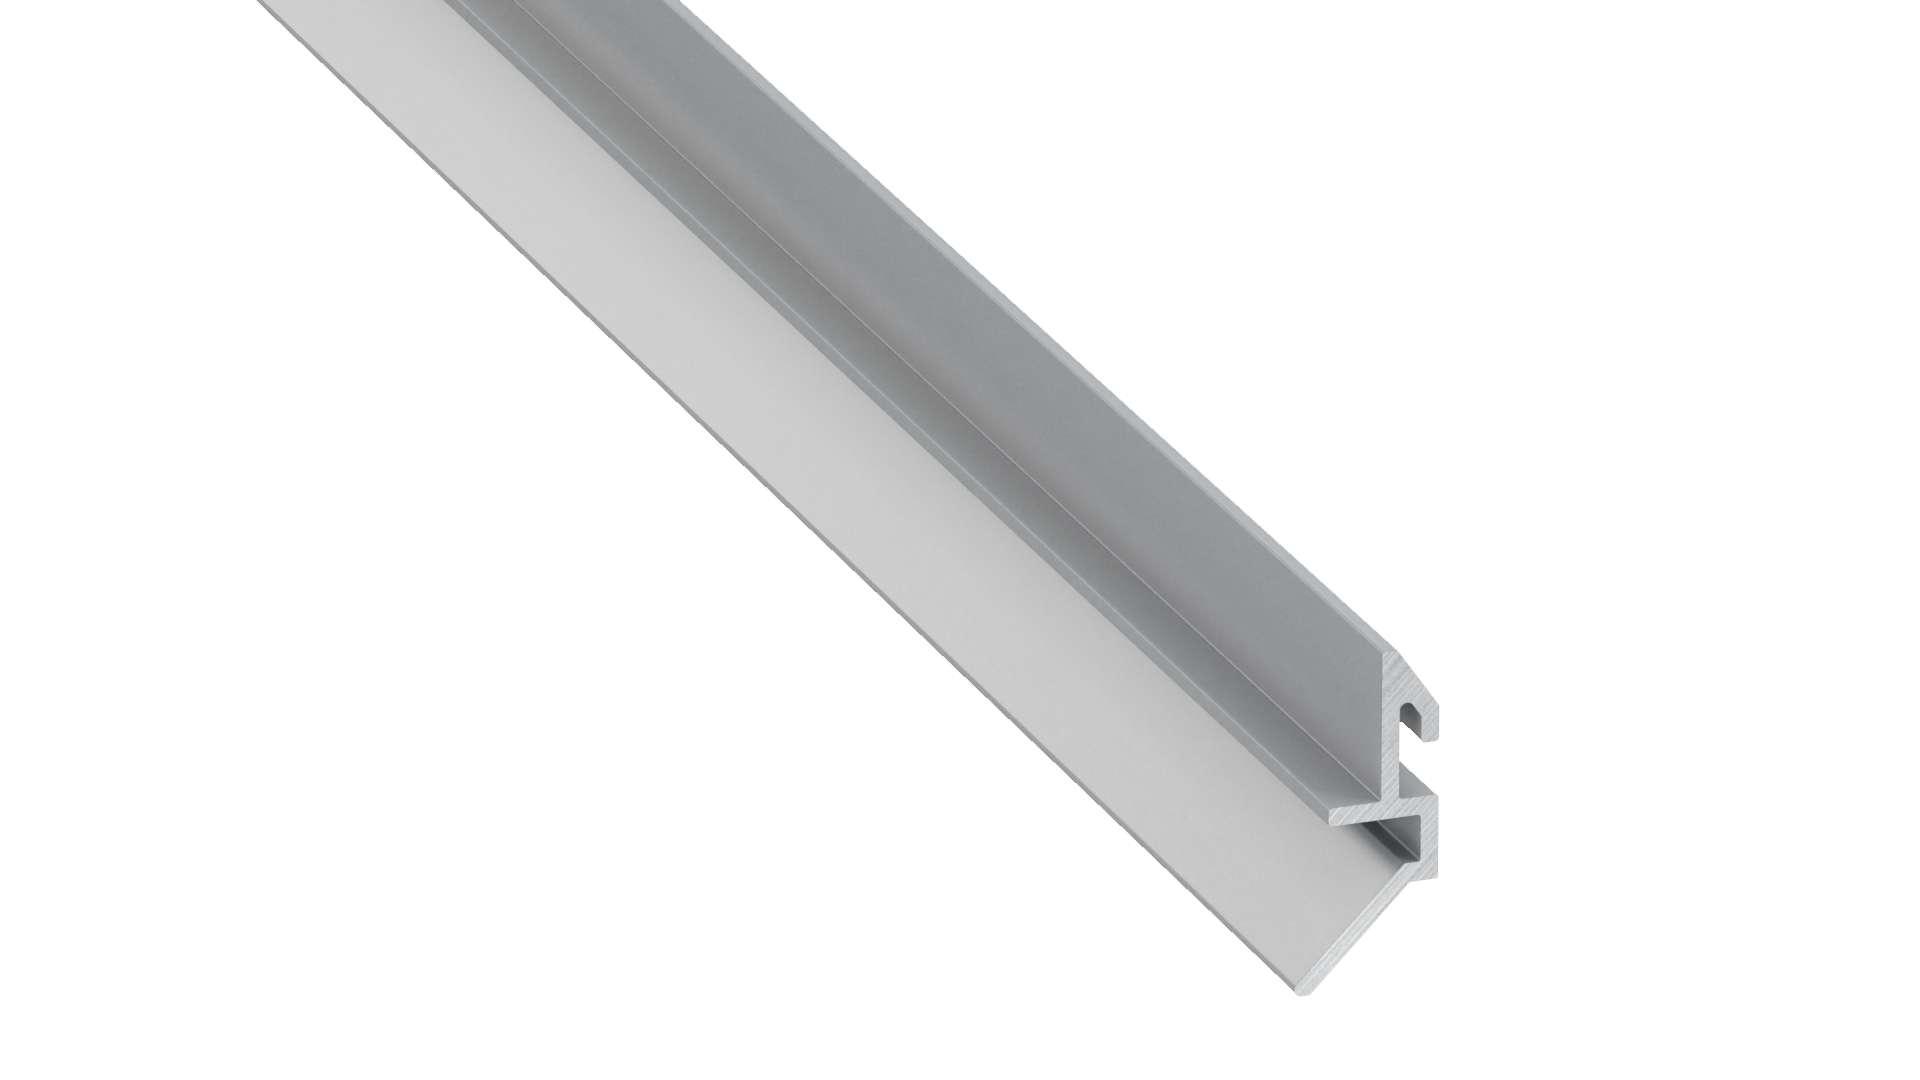 Lumines profile type Fari anodized silver, 3 m